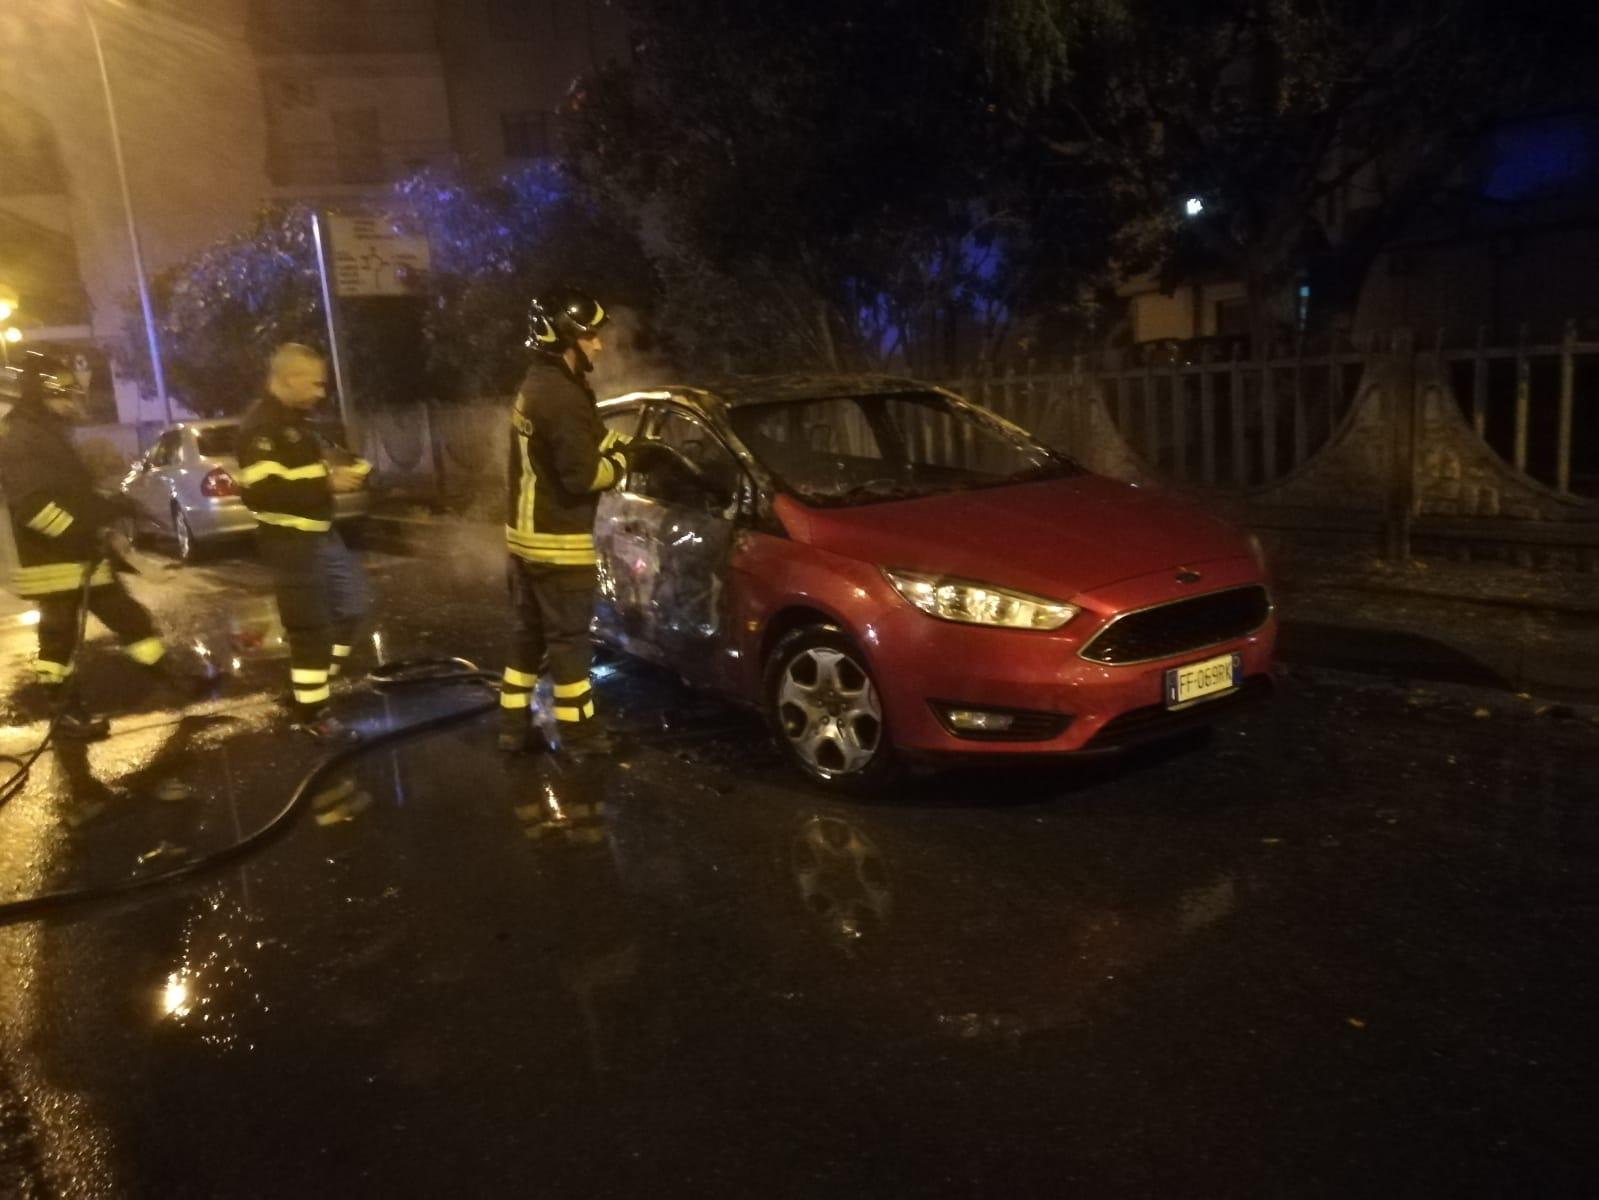 Cirò Marina, distrutta l'auto del segretario comunaleLa vettura devastata da un incendio nella notte